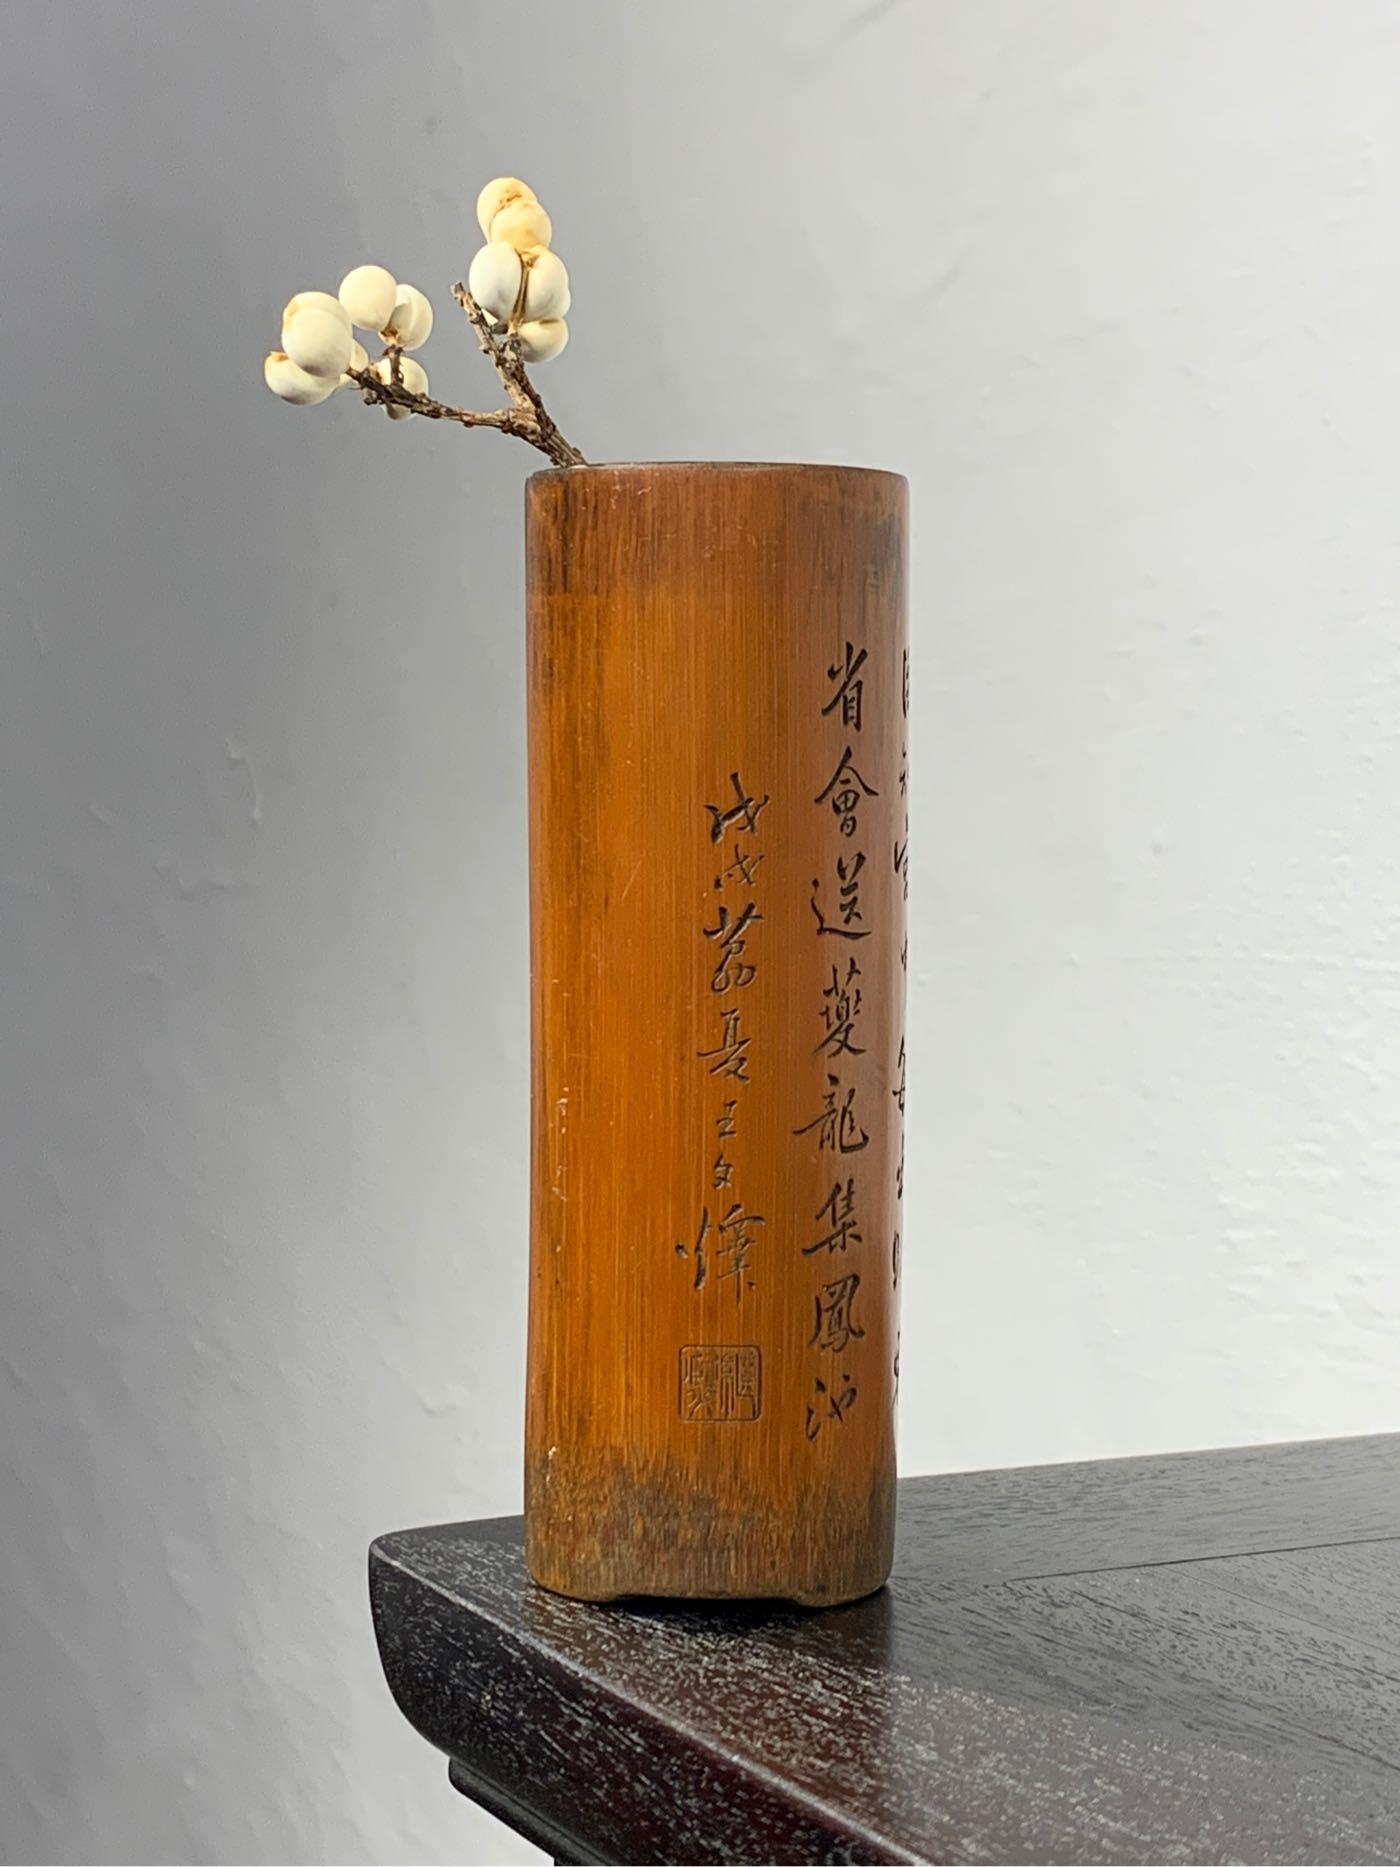 【緣古】老件 竹雕詩文 茶/香 道具